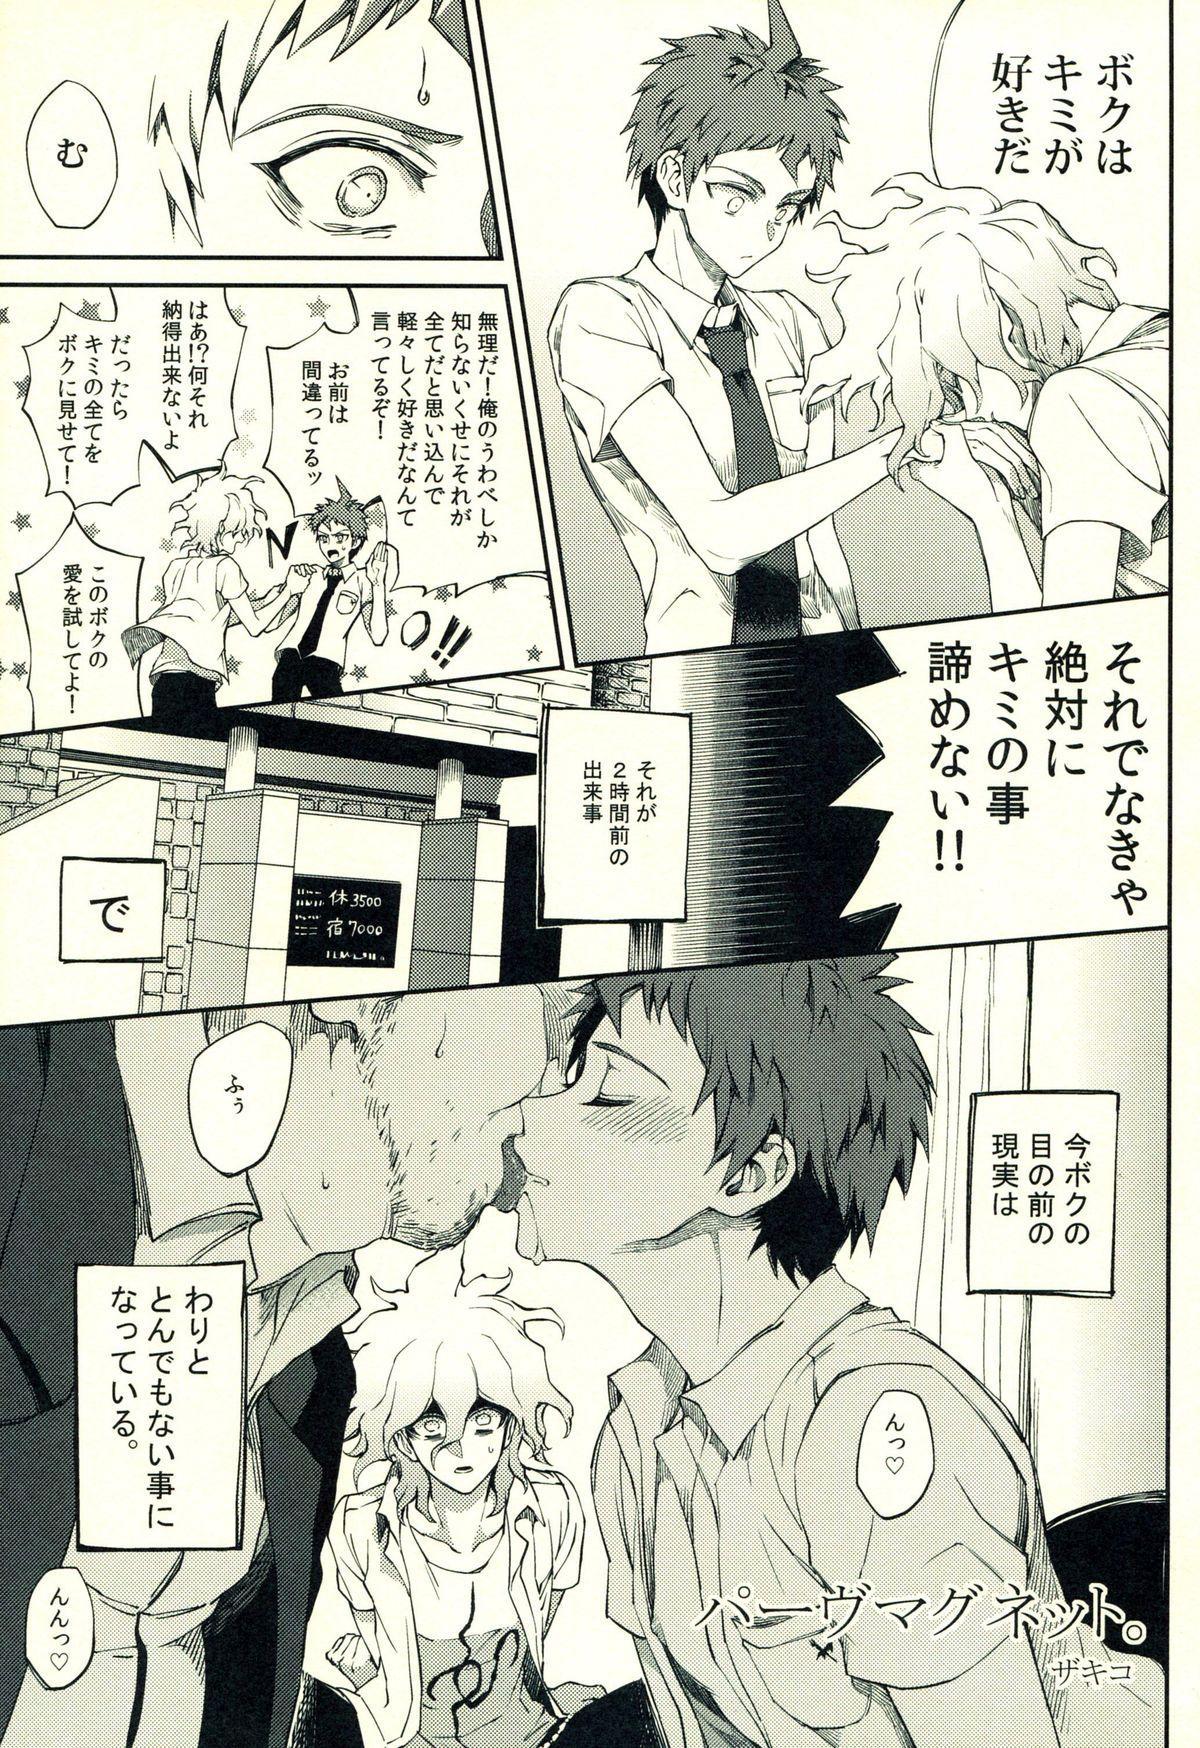 Hinata Hajime no Himitsu no Jikan 3